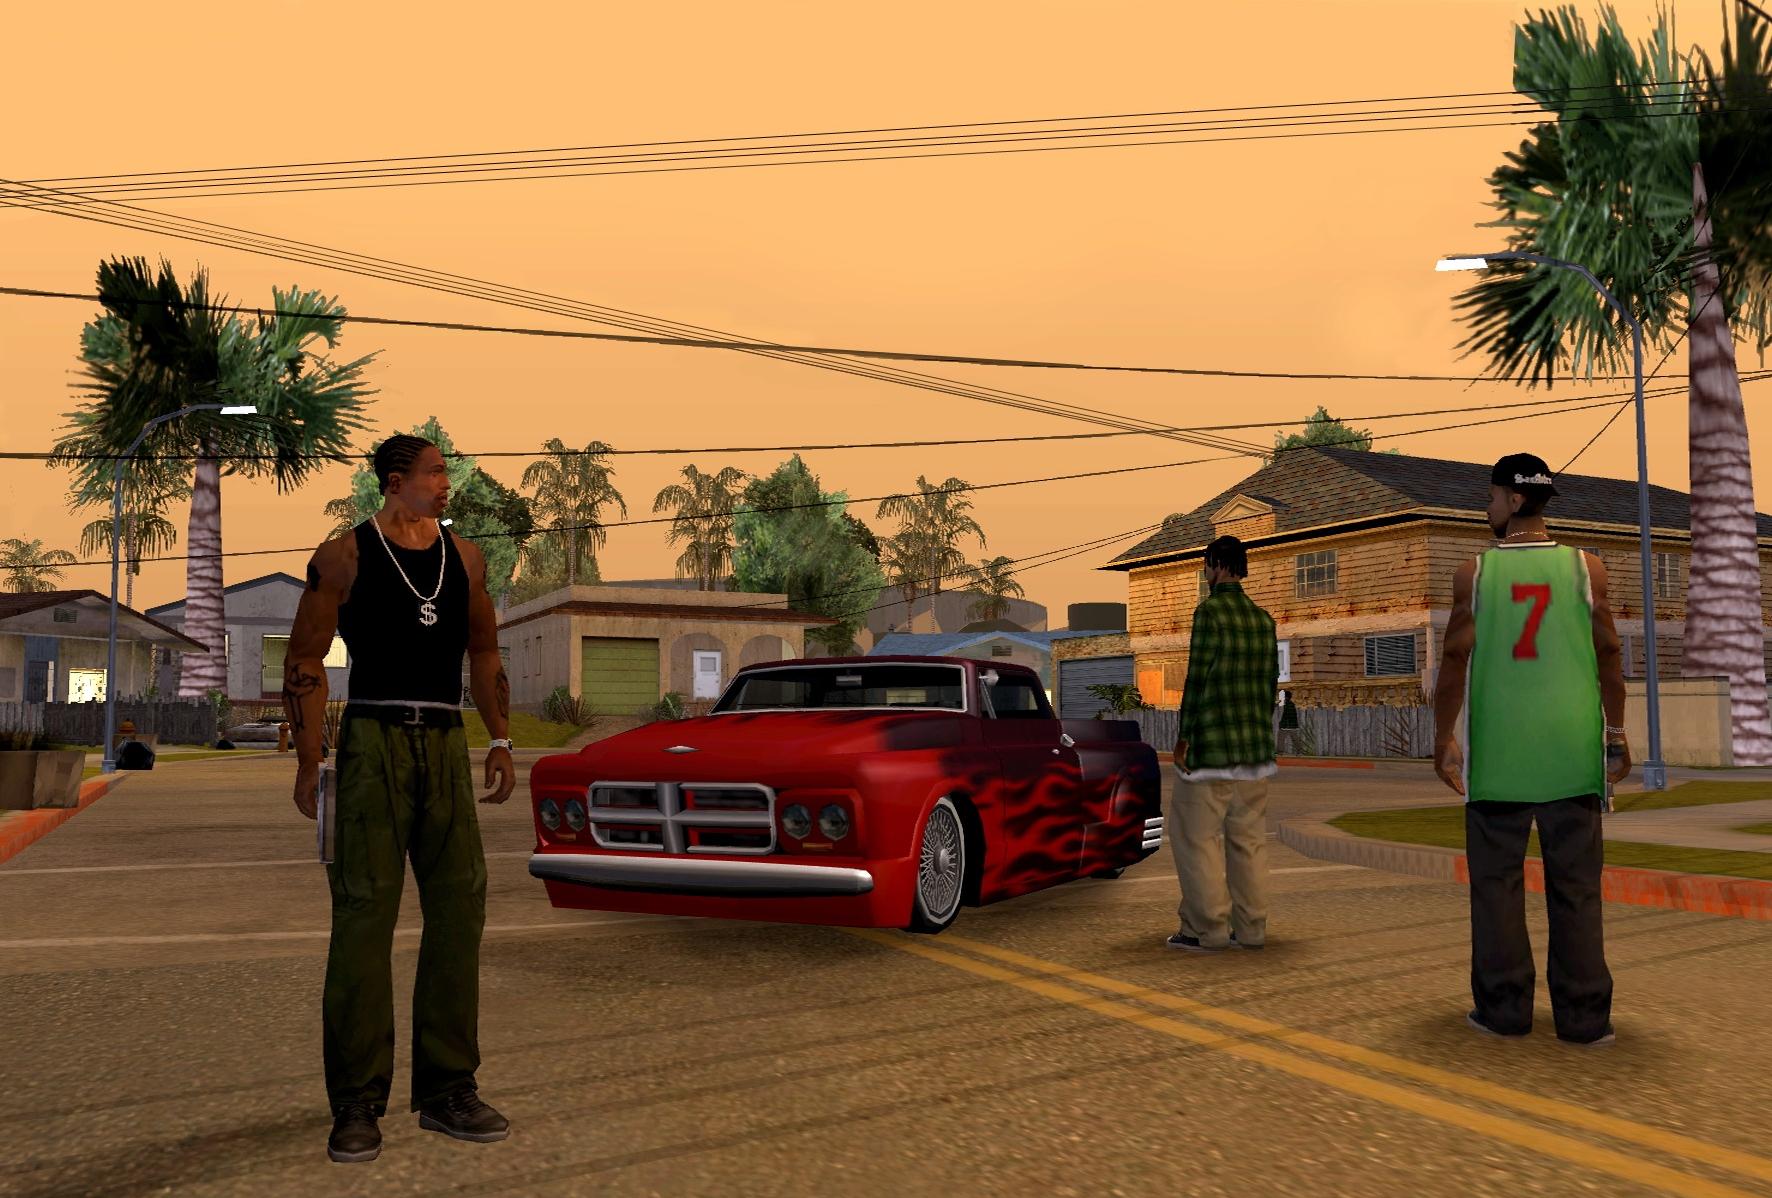 El Nuevo Gta San Andreas Hd De Xbox 360 Es Un Port De La Version